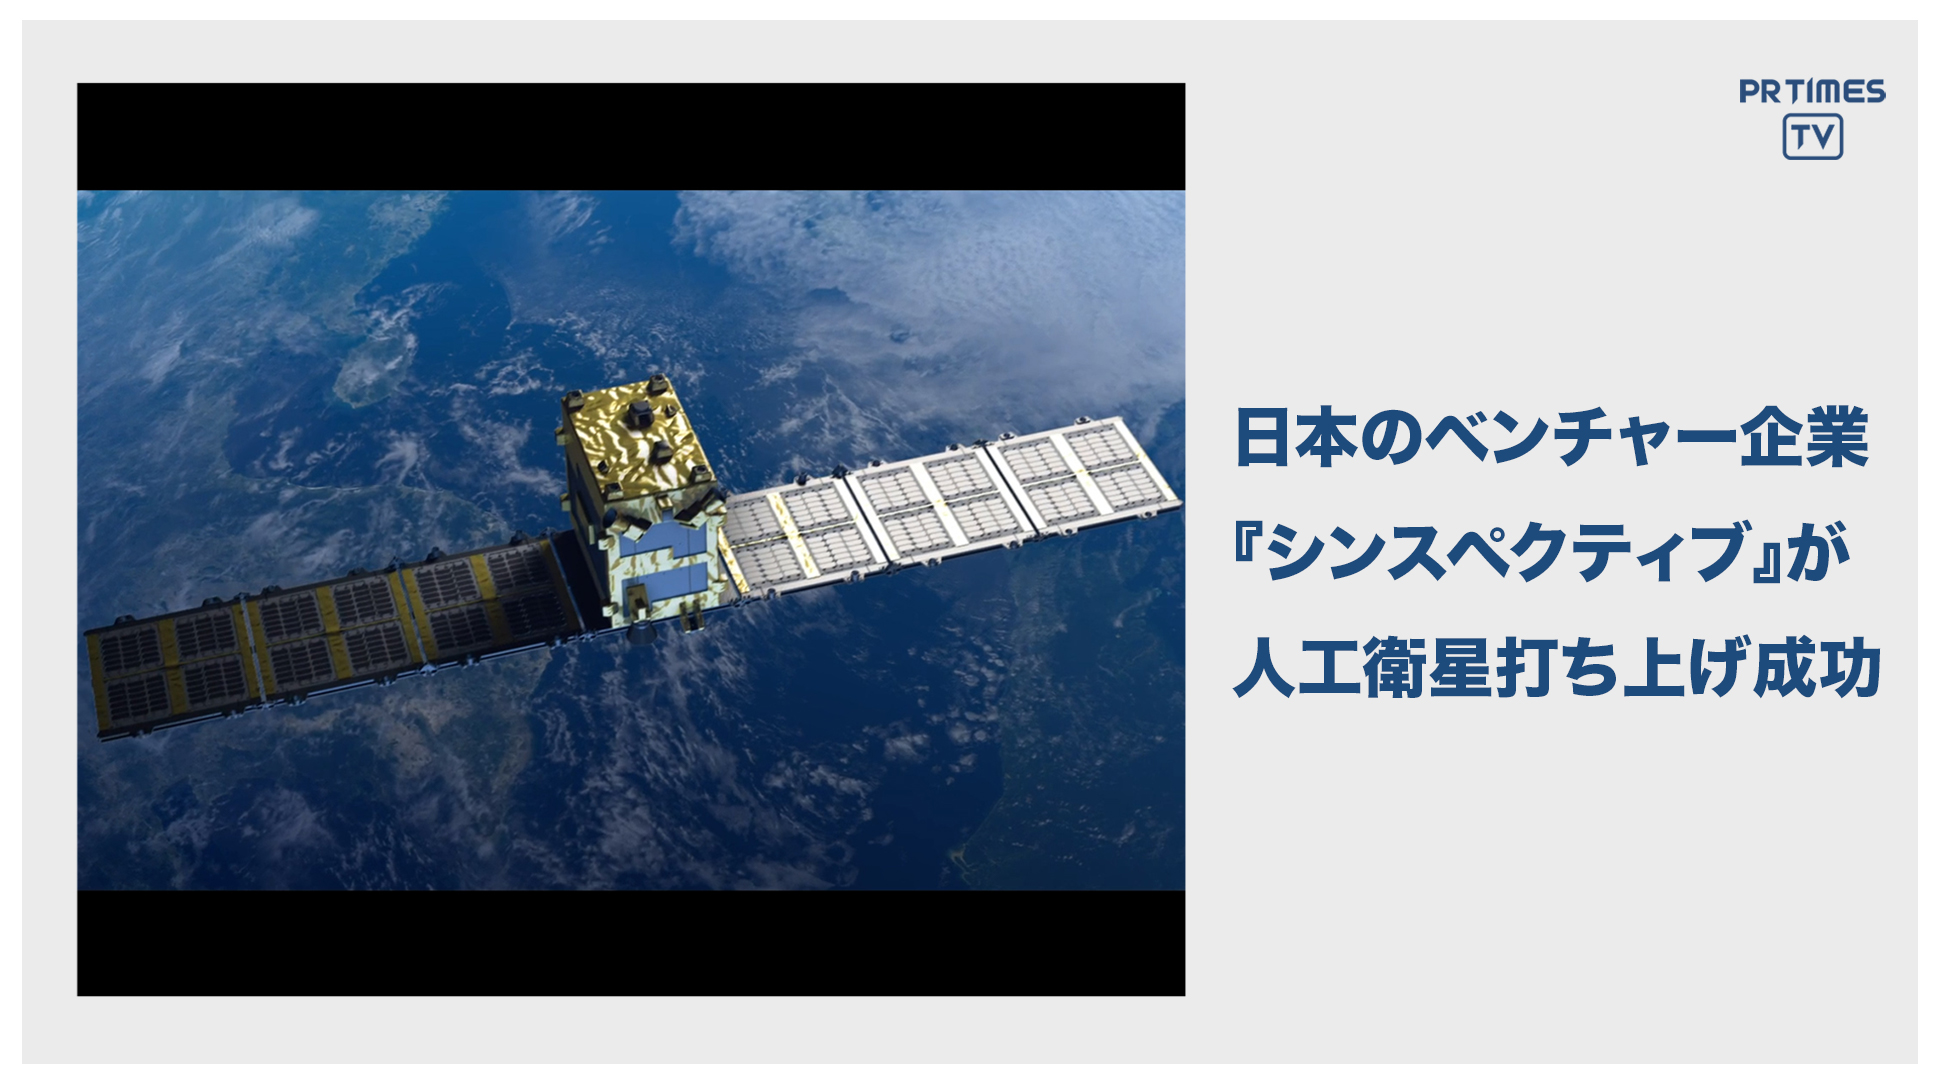 衛星データビジネスの宇宙スタートアップSynspective、自社初の小型SAR衛星「Strix-α」の軌道投入に成功